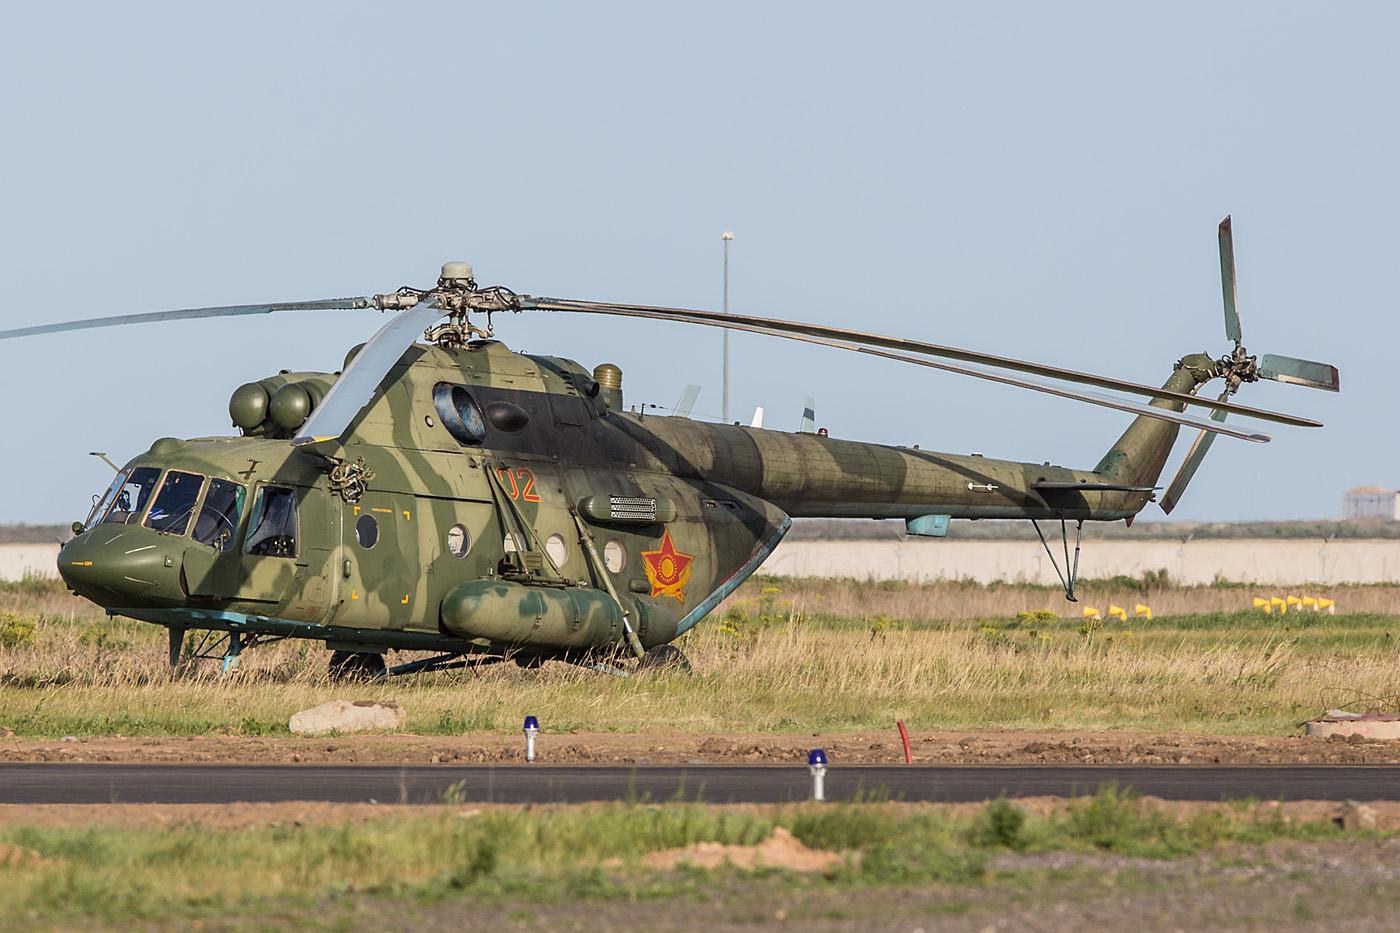 Mil-17V-5 der Luftwaffe neben dem Taxiway